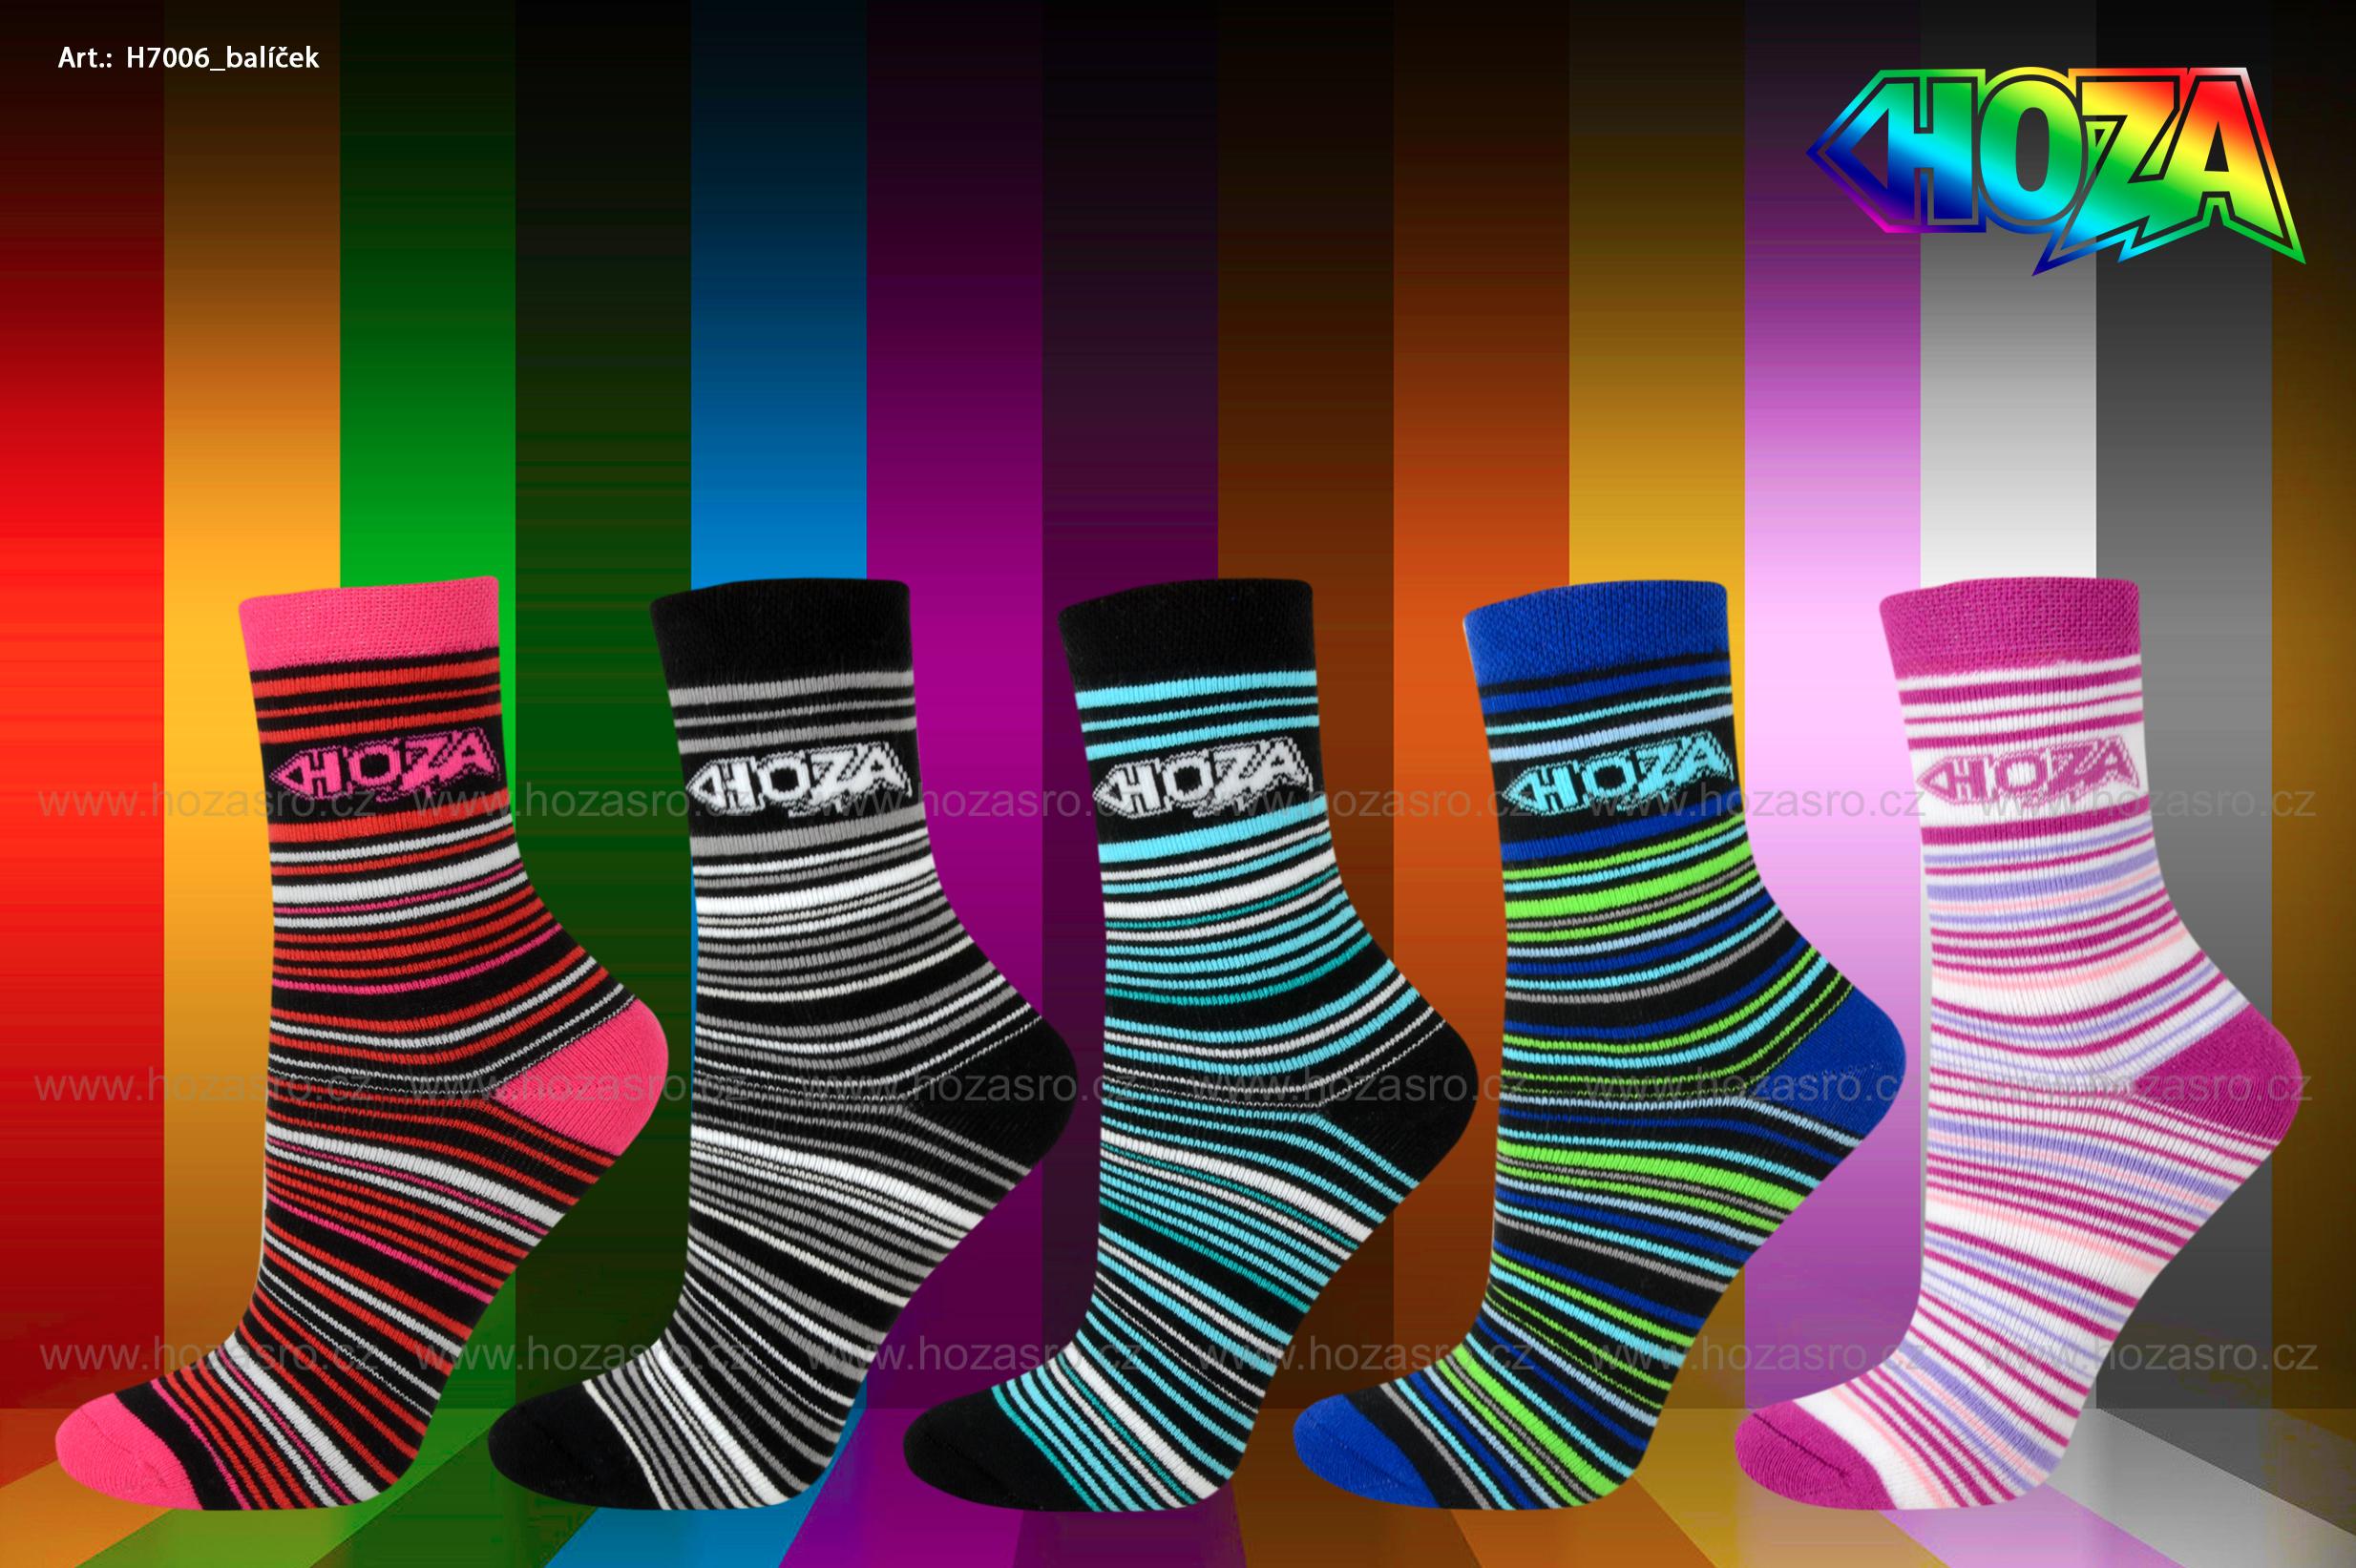 Dětské ponožky HOZA THERMO Froté - Proužky od 55kč - H7006